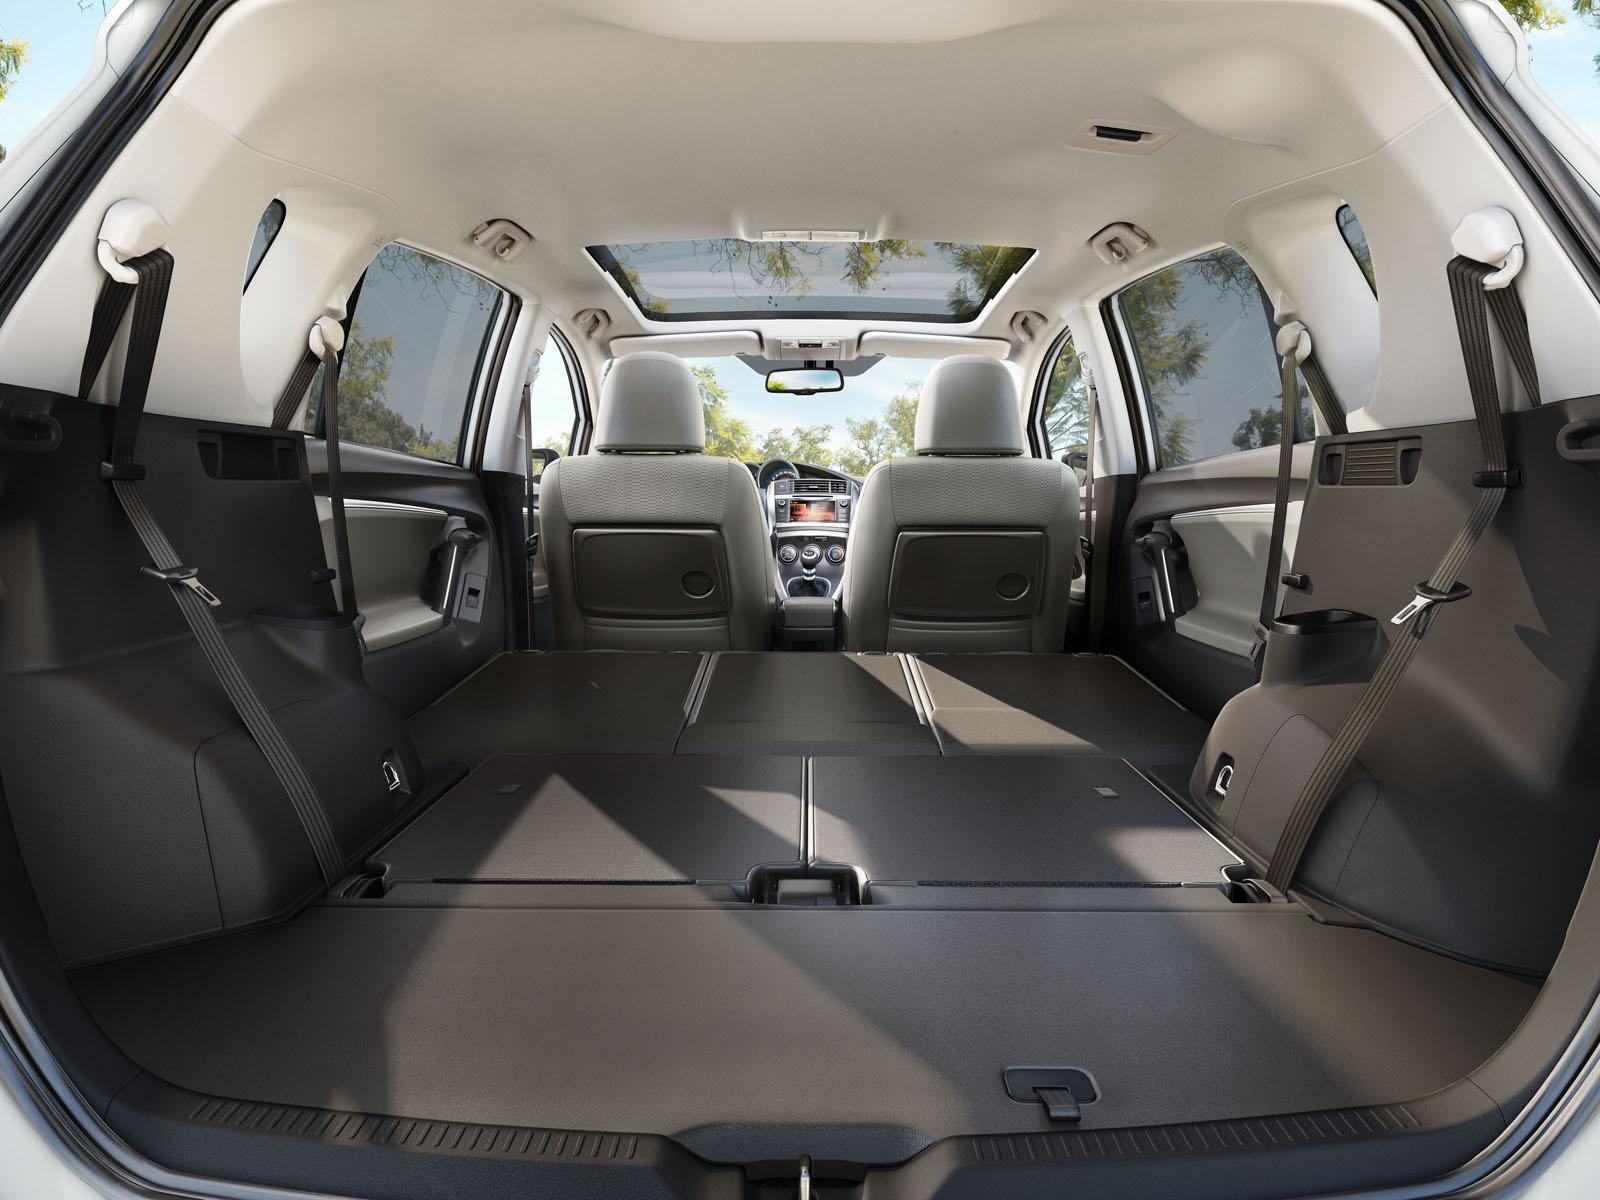 Toyota Verso 2015: Menos contaminante y más equipado 2